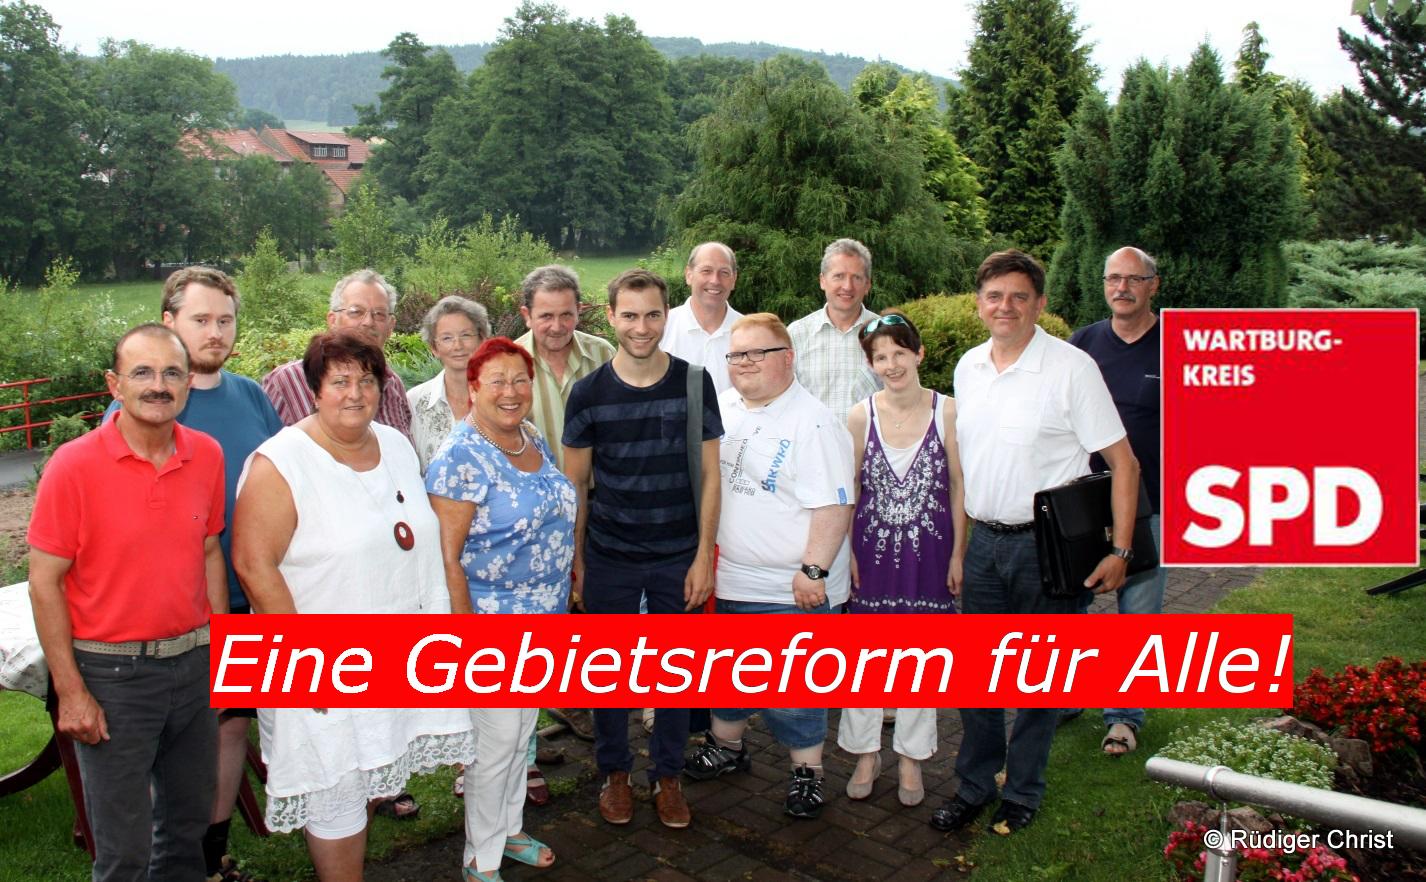 """SPD-Kreisvorstand und Mitglieder aus der Rhön fordern am 07.07.2015 in Weilar eine Gebietsreform im Sinne der Bürger und """"Die Rhön in einem Kreis""""."""